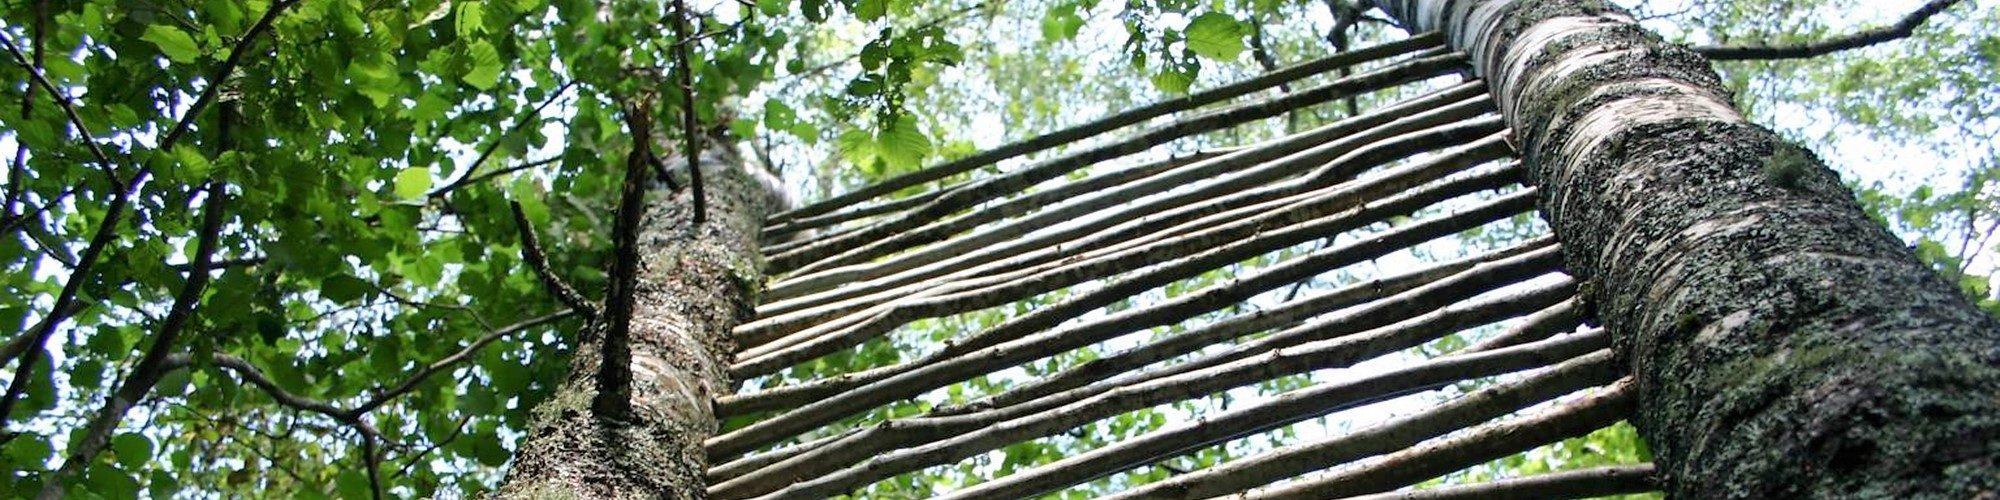 Geen toegang hout